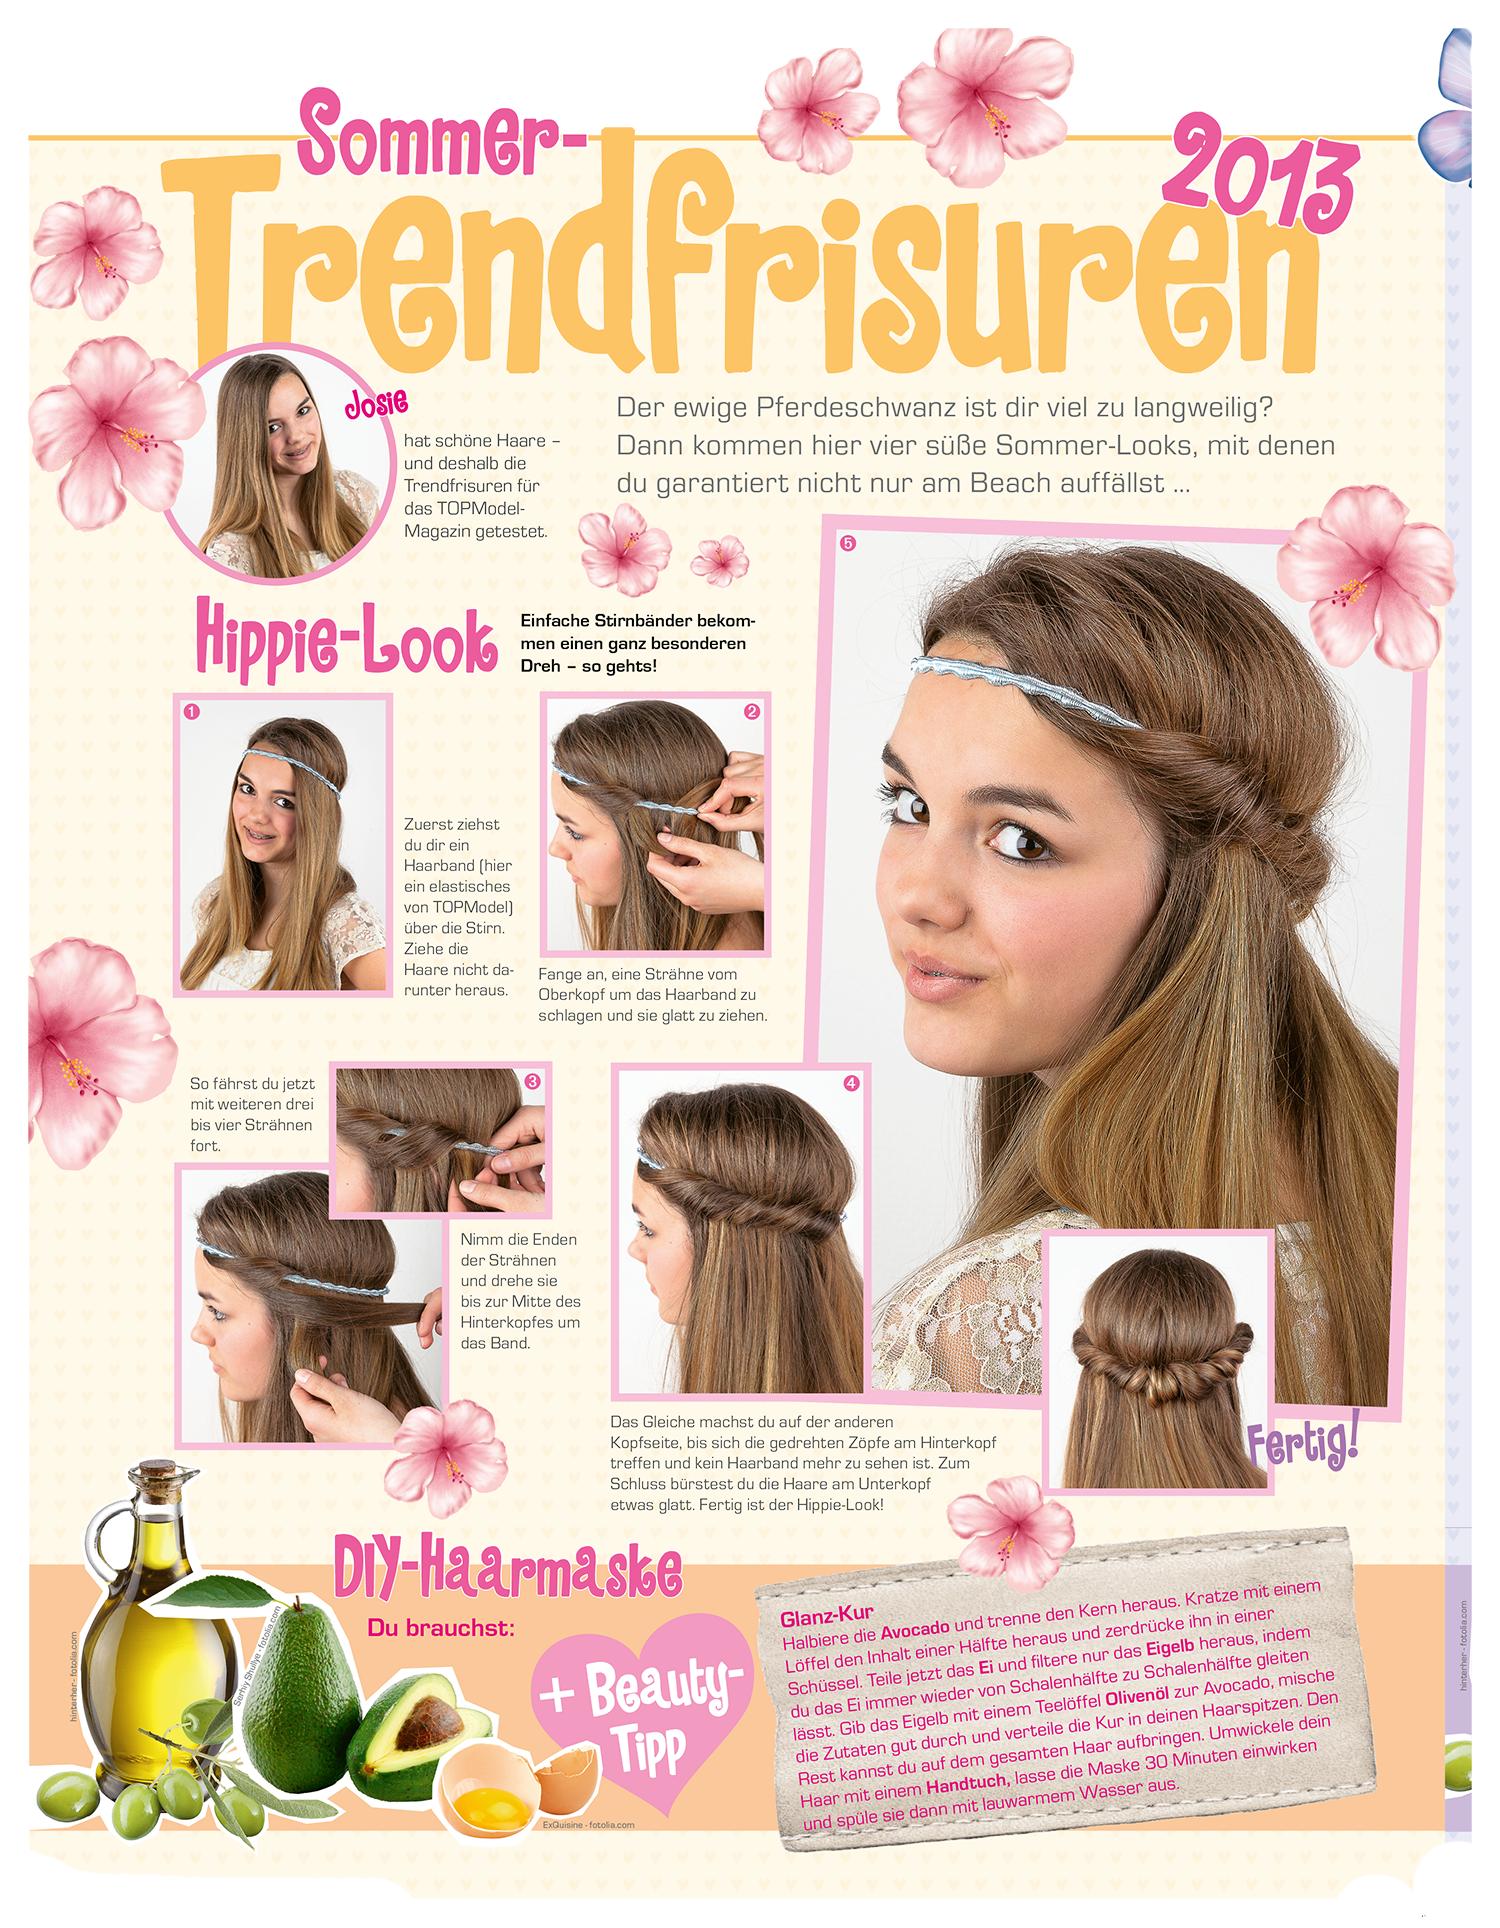 Tolle Frisuren Ideen Im Topmodel Magazin Frisur Haarmaske Beauty Hochzeitsfrisur Sommer Sac Orgu Modelleri